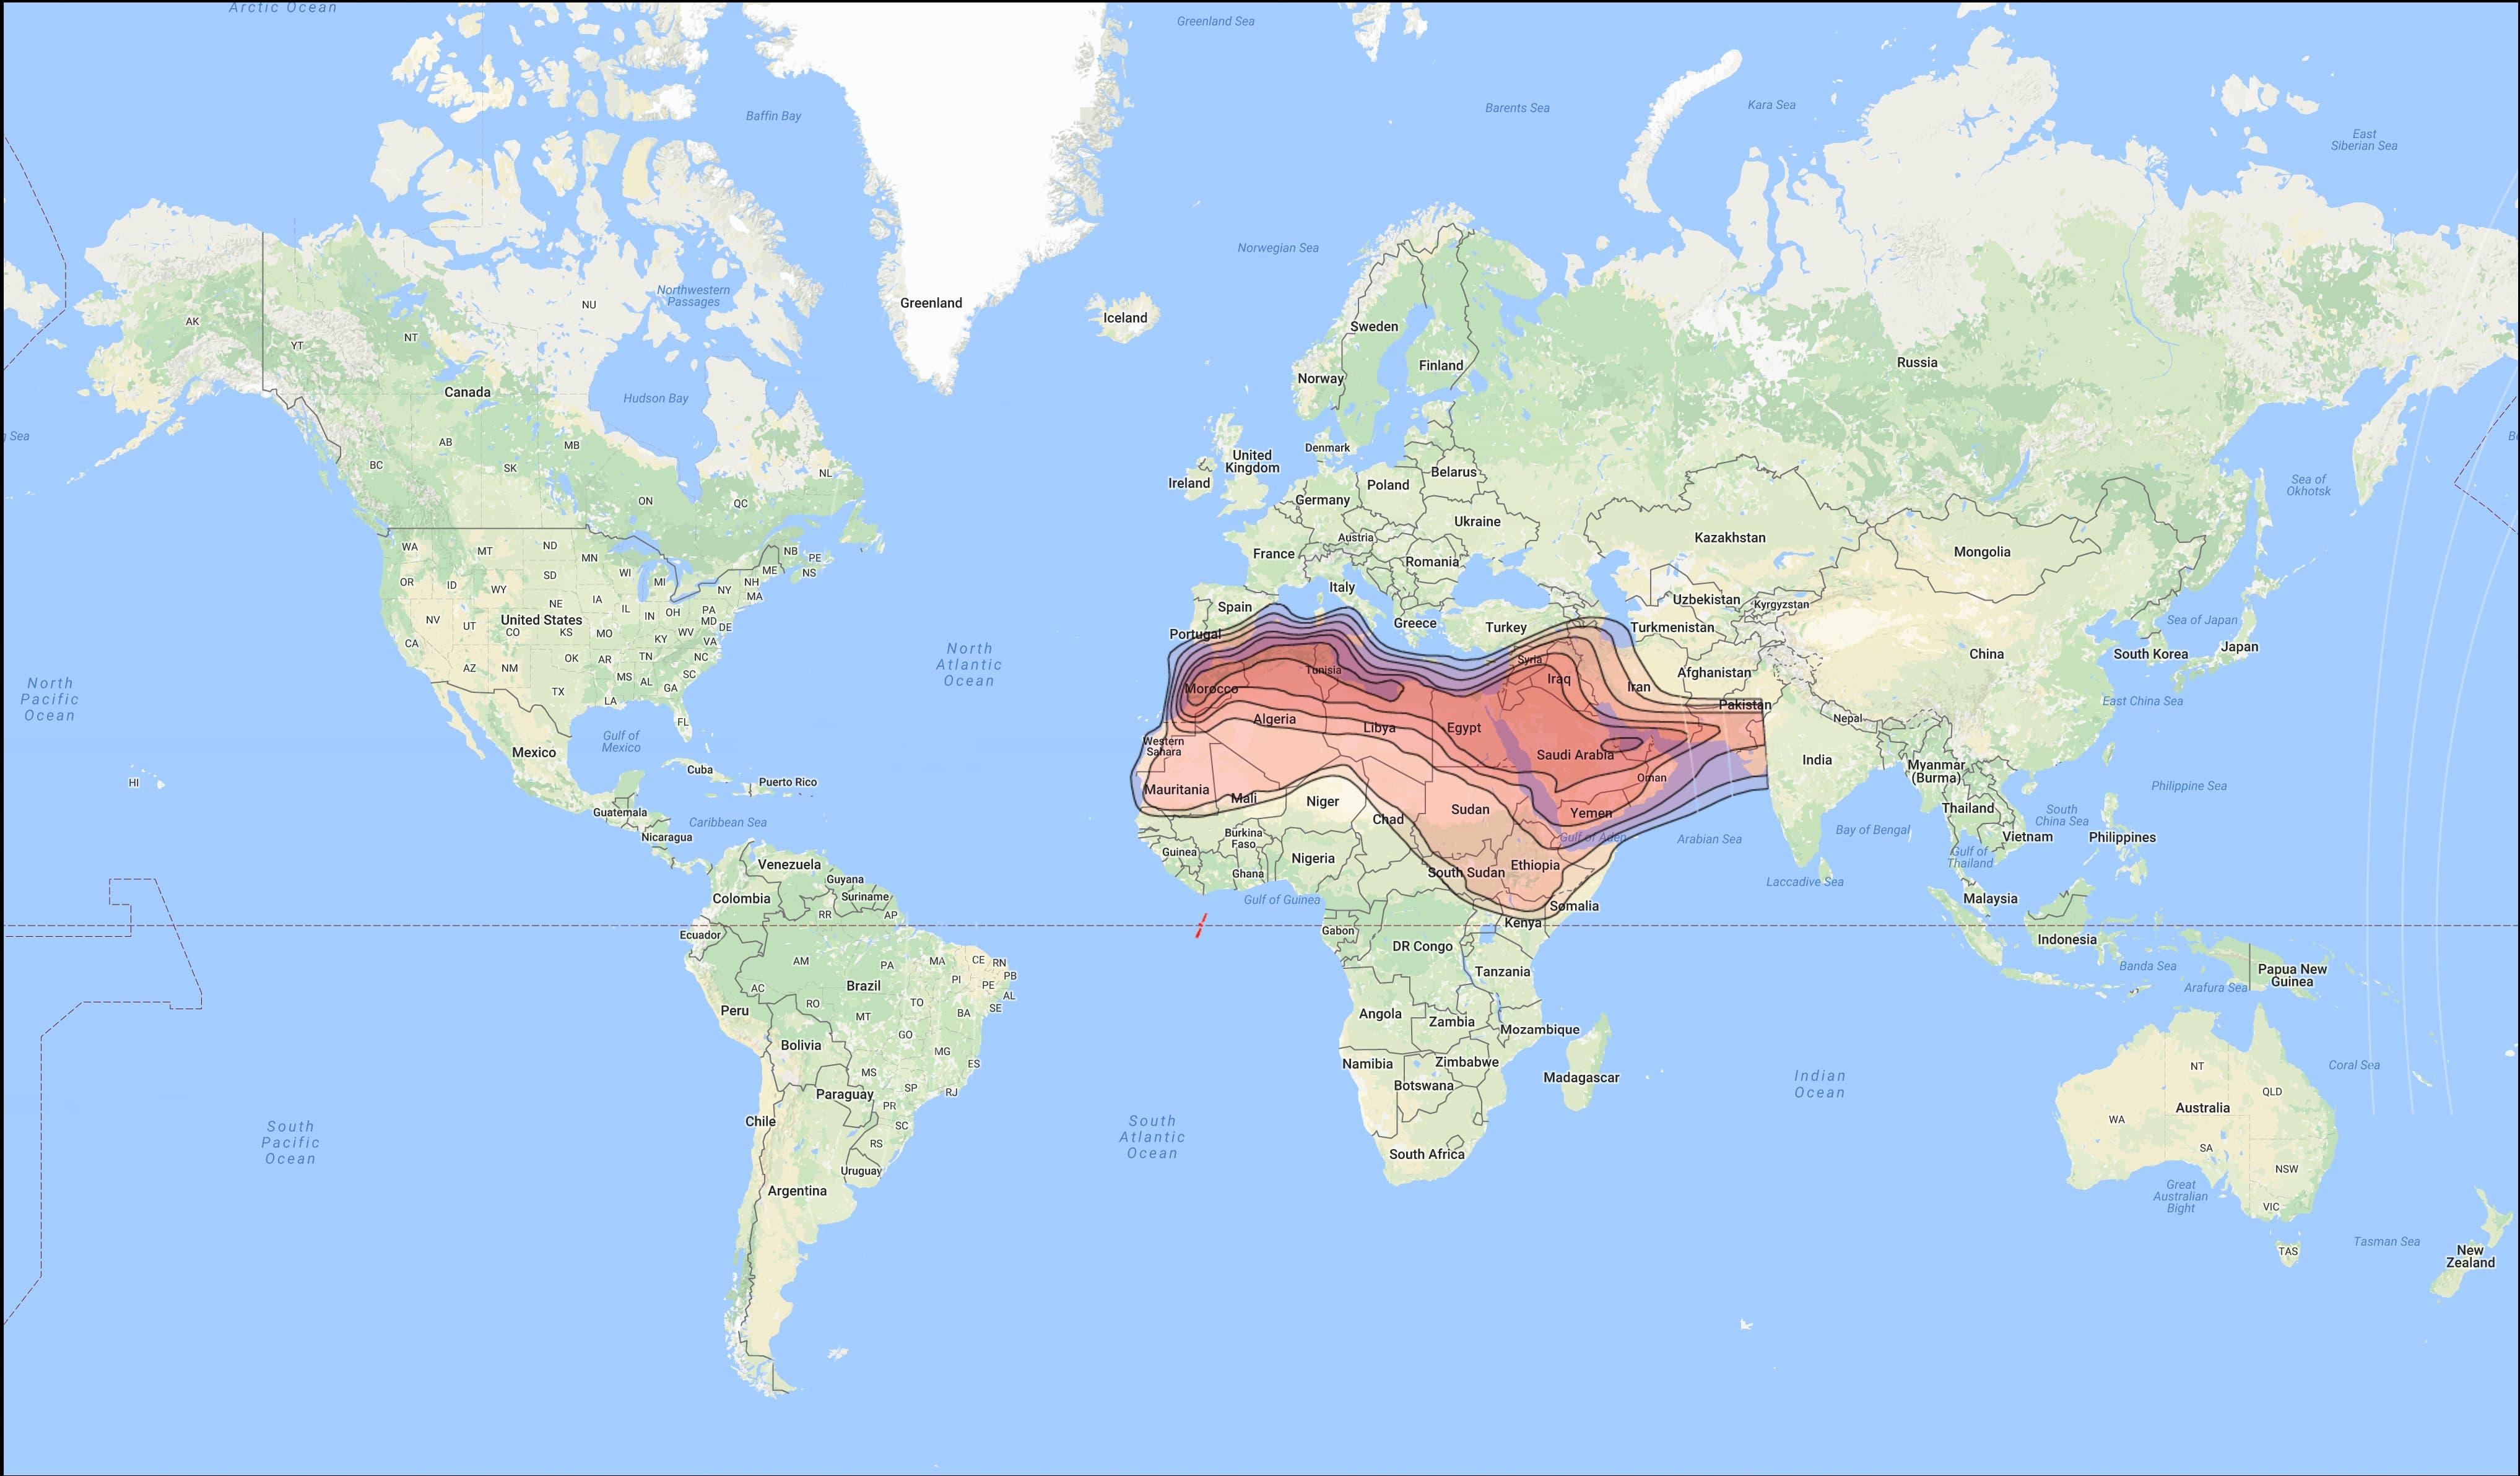 ترددات الستالايت في الشرق الأوسط